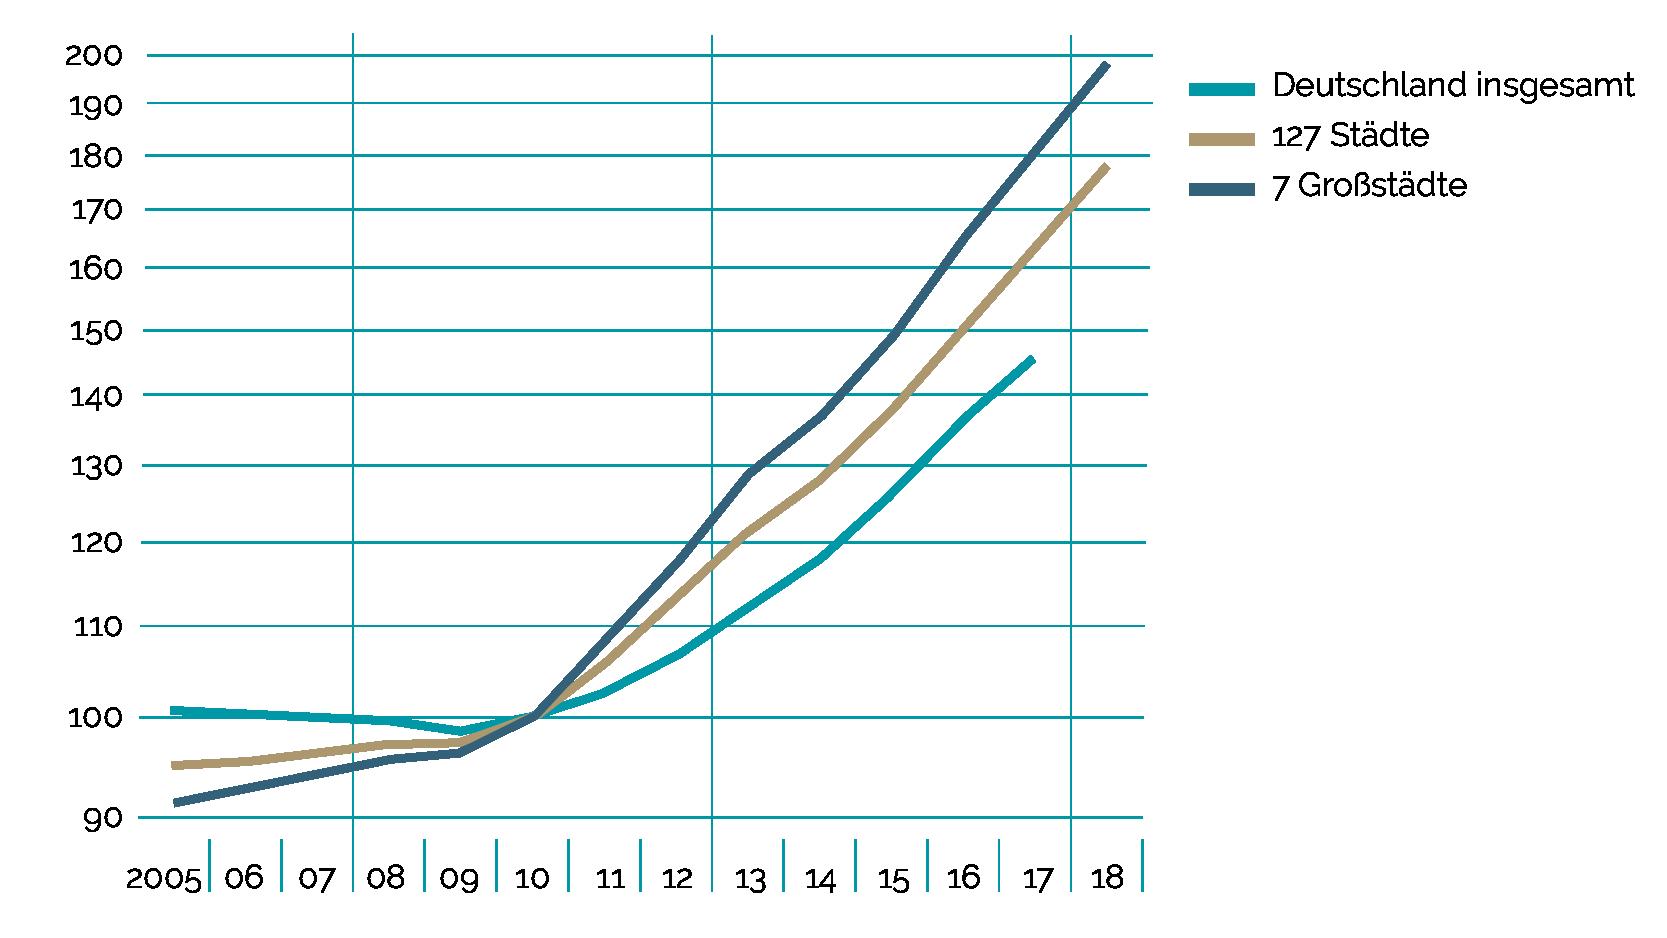 Immobilienblase: Preise für Wohnimmobilien nach Städtegruppen in Deutschland